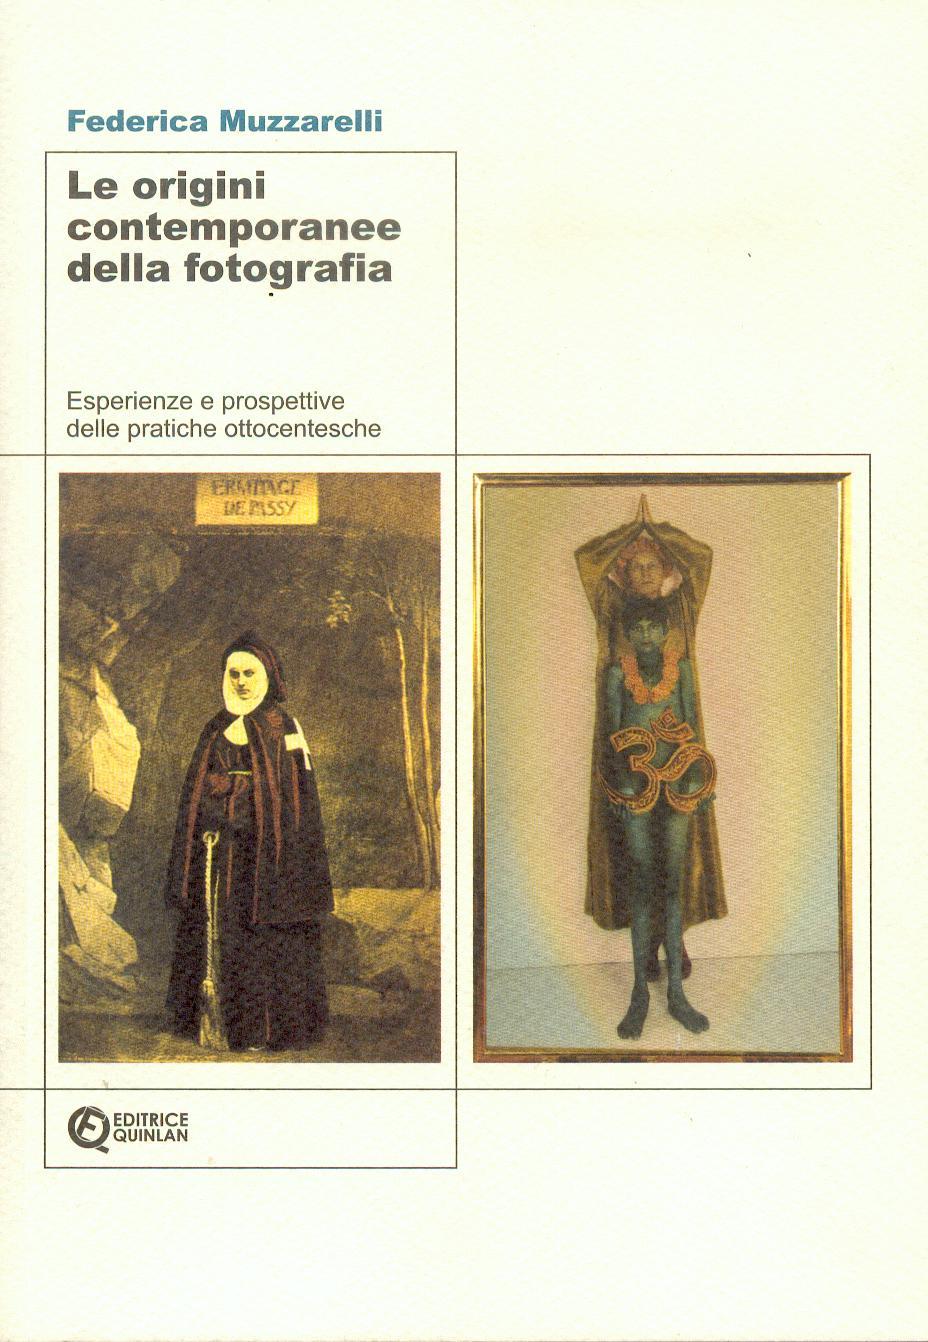 Le origini contemporanee della fotografia